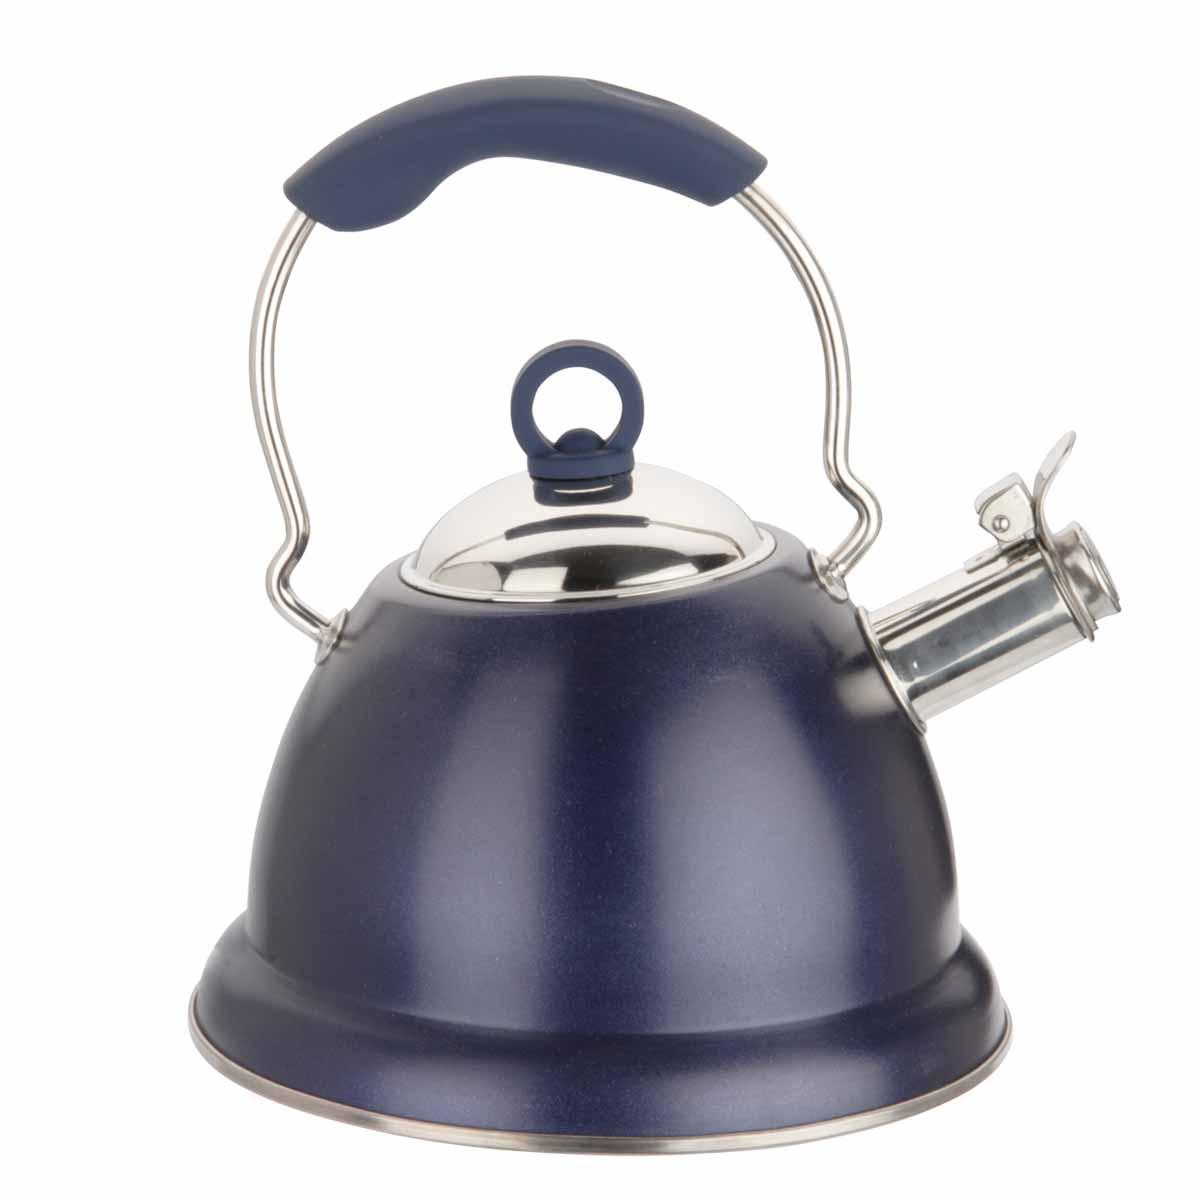 Чайник Dekok, со свистком, 3 лWK-104Чайник Dekok изготовлен из прочной и долговечной нержавеющей стали с эмалевым покрытием. Не подвержен коррозии и окислениям. Многослойное капсульное дно и утолщенный корпус обеспечивают быстрый и равномерный нагрев и надолго сохраняют вскипяченную воду горячей. Силиконовая термоизоляционная ручка Soft Touch делает использование чайника очень удобным и безопасным. Носик чайника имеет насадку-свисток, что позволит вам контролировать процесс подогрева или кипячения воды. Встроенный фильтр защитит наливаемую воду от накипи. Выполненный из качественных материалов чайник Dekok при кипячении сохраняет все полезные свойства воды. Чайник пригоден для газовых, электрических, стеклокерамических и индукционных плит. Можно мыть в посудомоечной машине. Высота чайника (без учета крышки и ручки): 14,5 см. Высота чайника (с учетом крышки и ручки): 28 см. Диаметр основания: 22,5 см. Диаметр (по верхнему краю): 9,5 см.